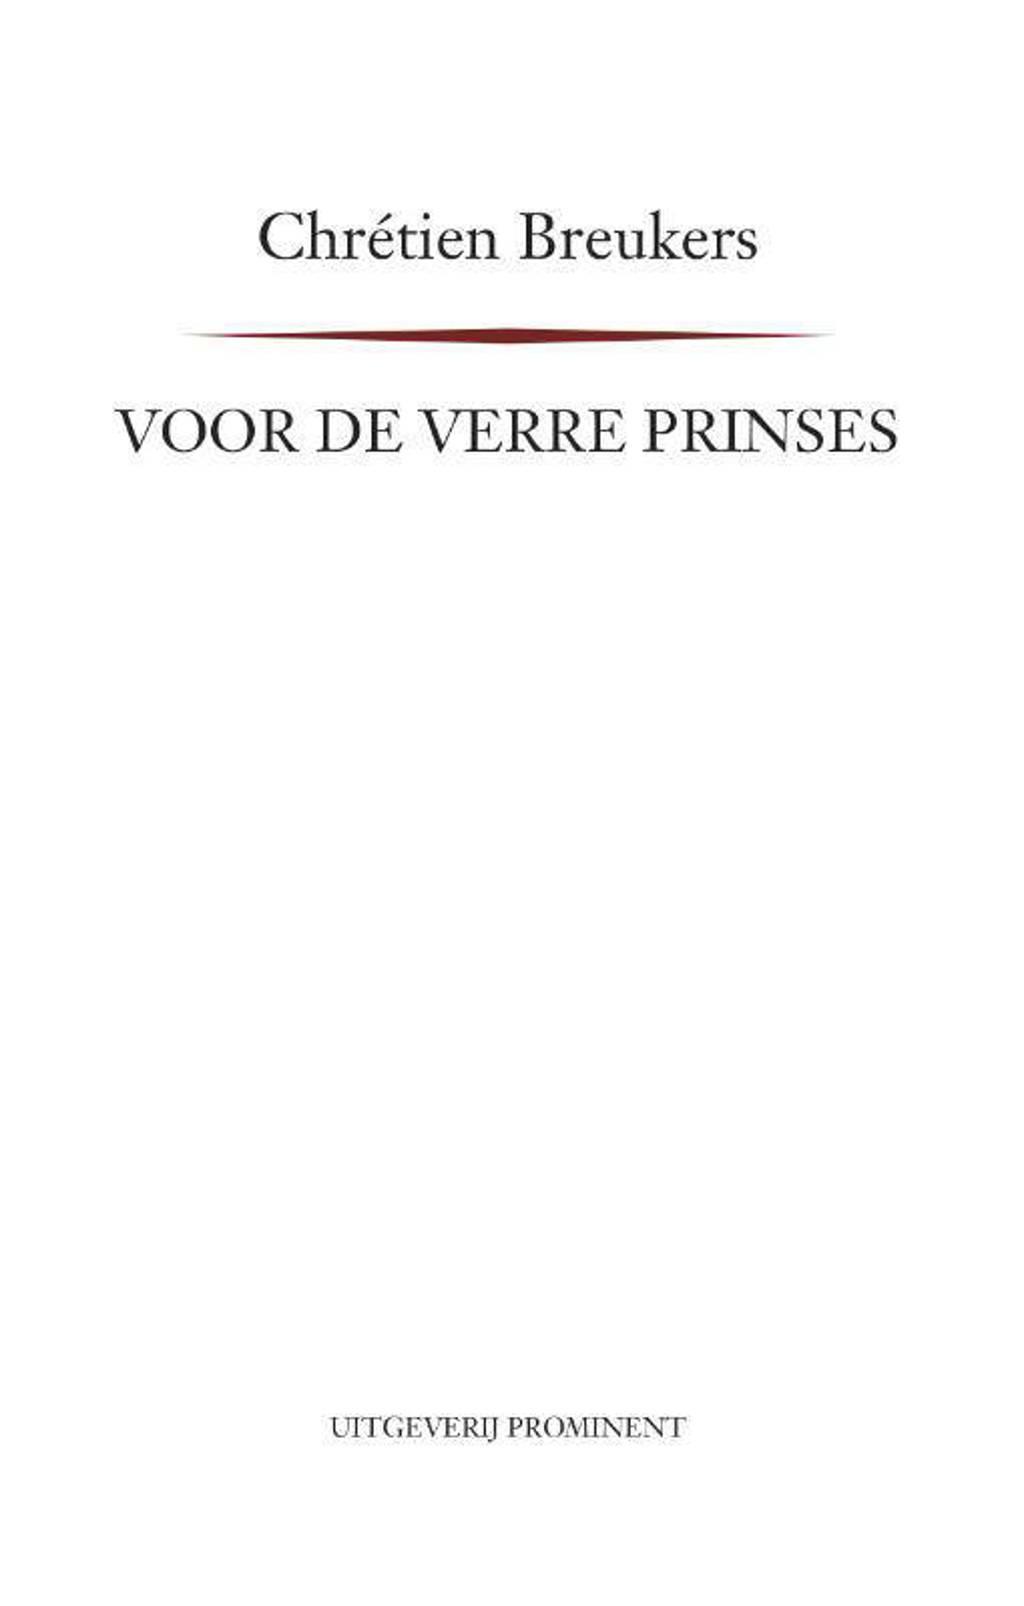 Voor de verre prinses - Chrétien Breukers